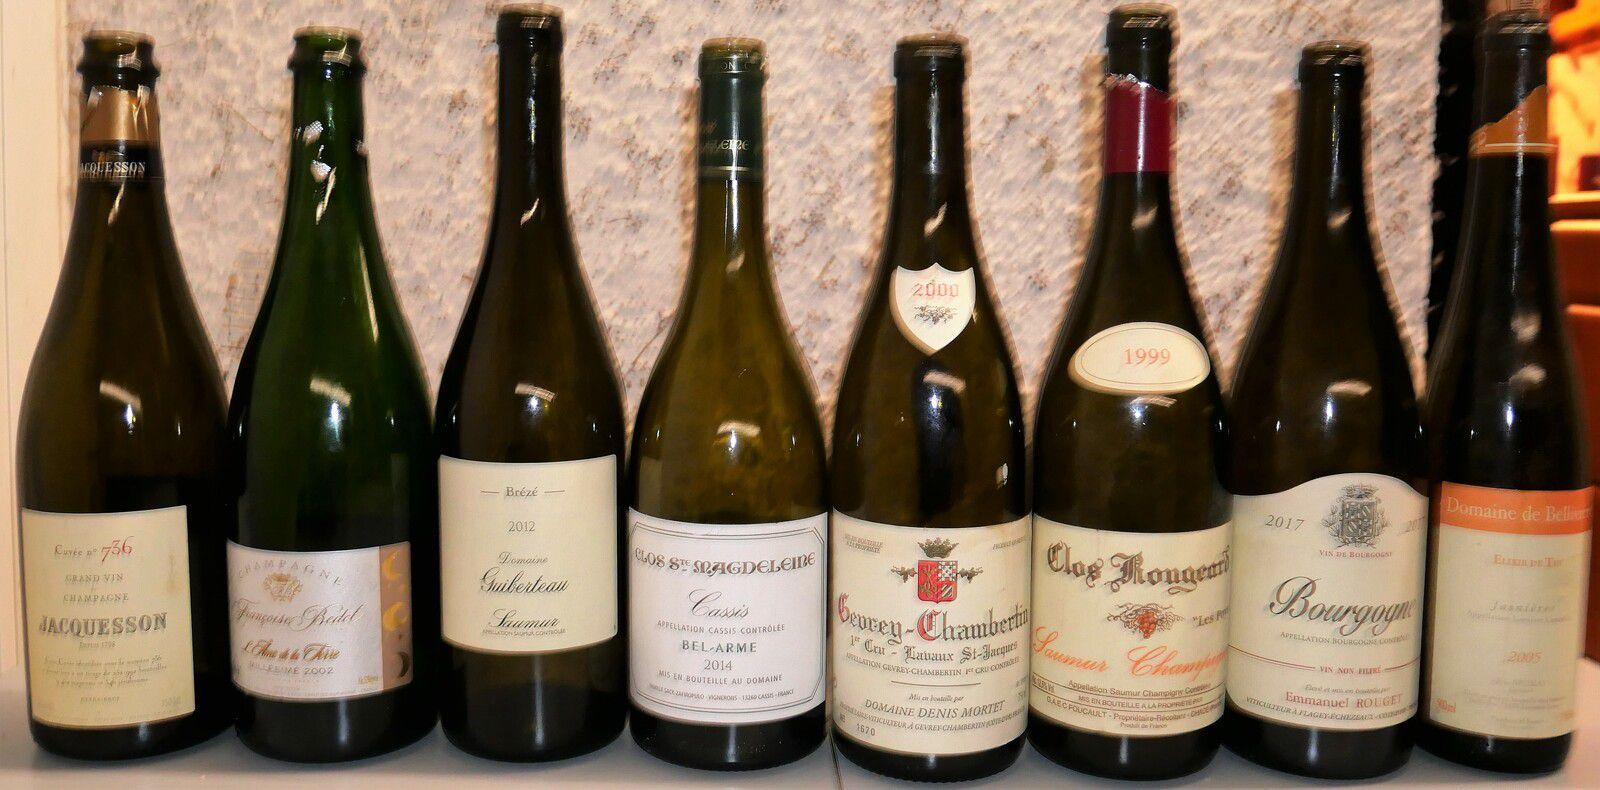 Repas d'été avec Jacquesson, Françoise Bedel, Guiberteau, Clos Sainte-Magdeleine, Dennis Mortet, Rouget, Bellivière